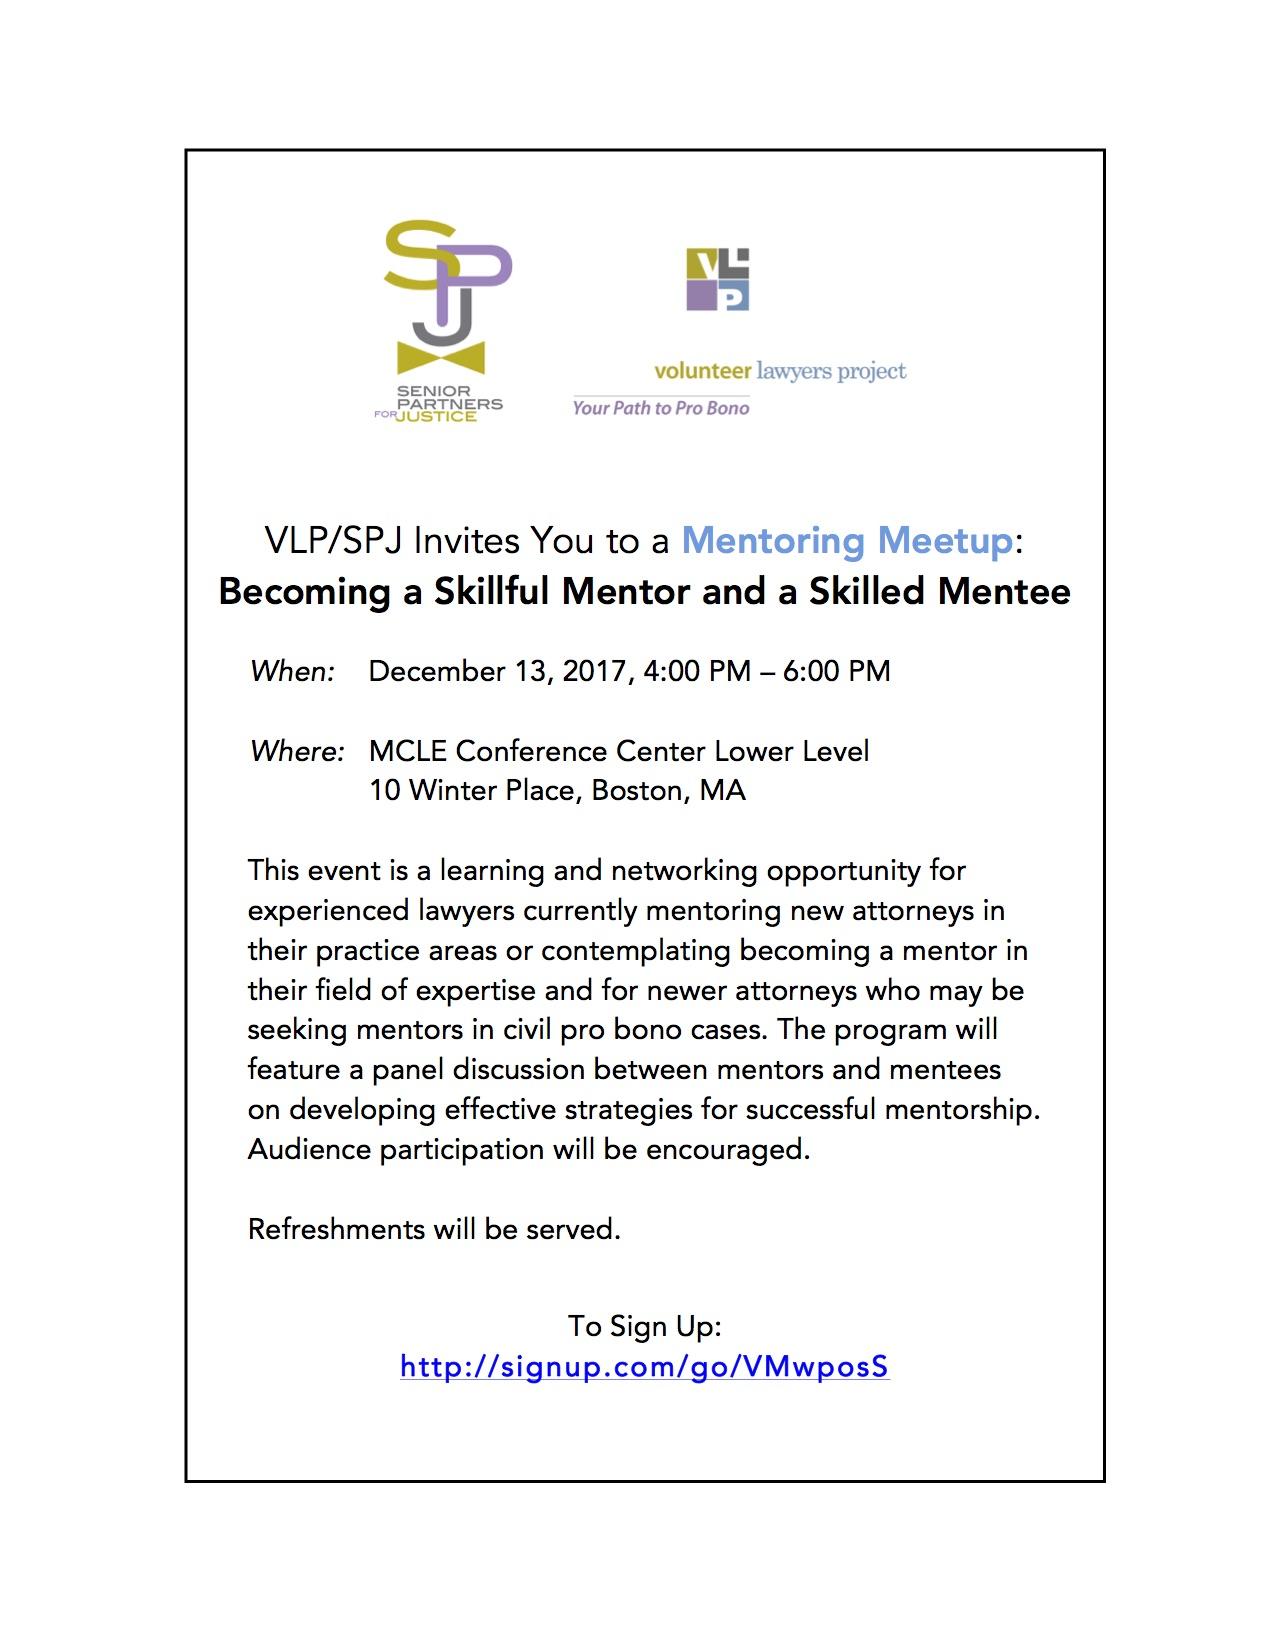 mentoring meetup flyer (2).jpg